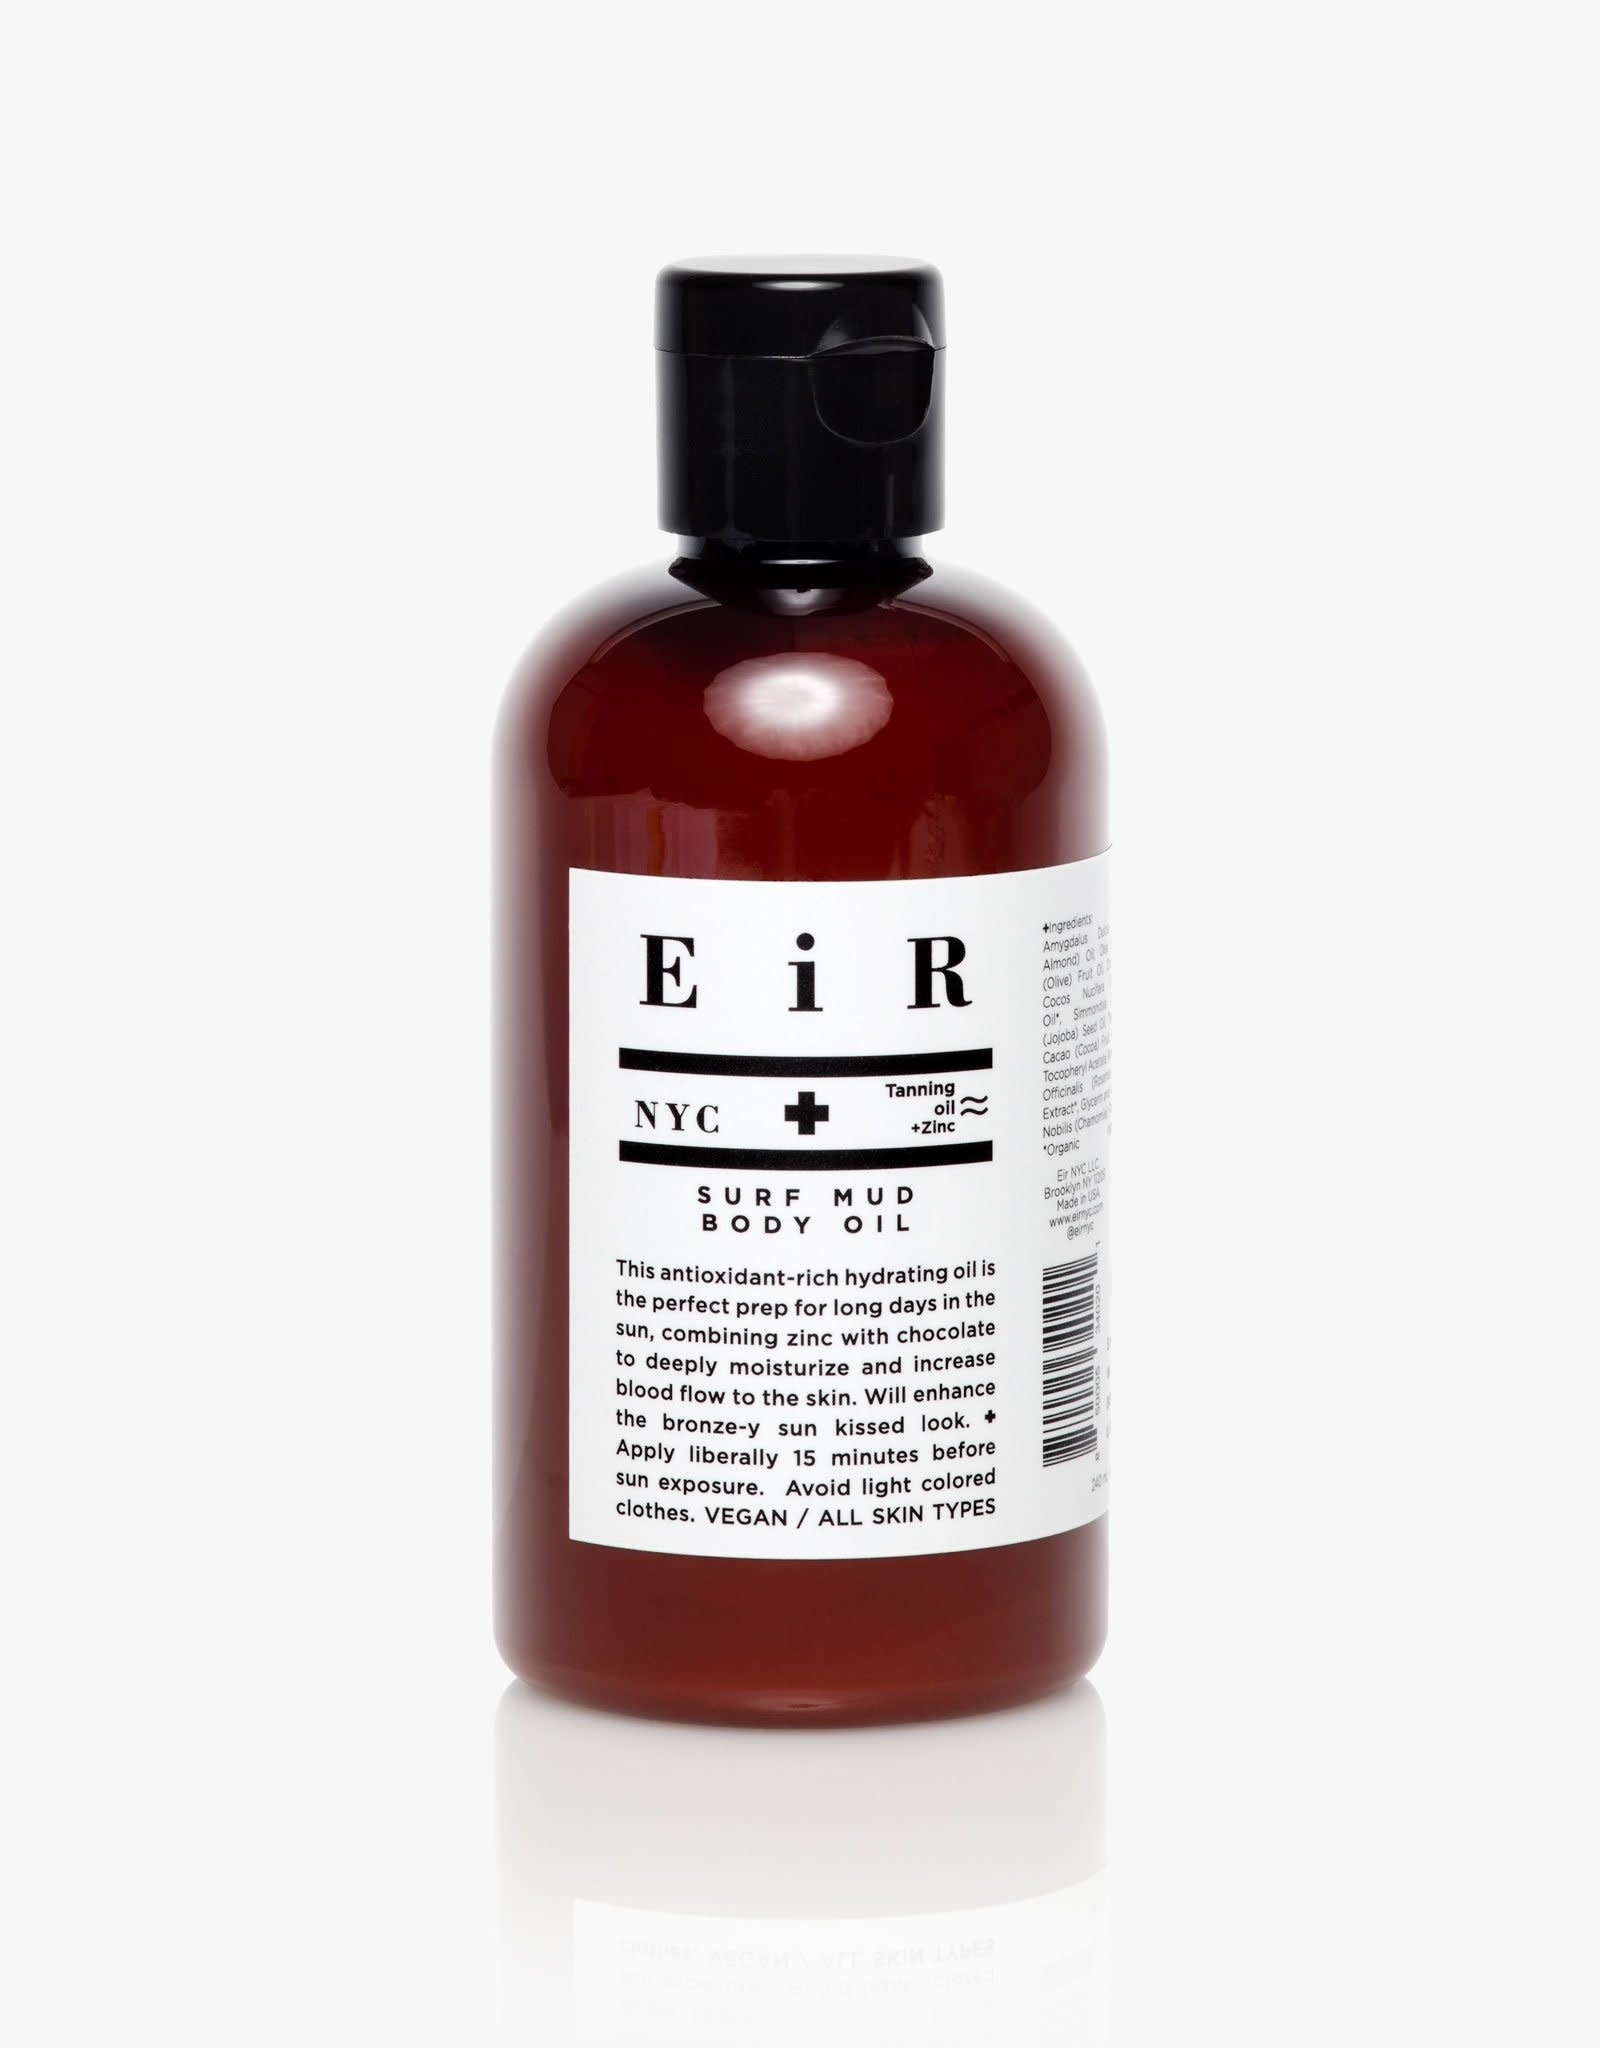 EiR NYC Surf Mud Body Oil